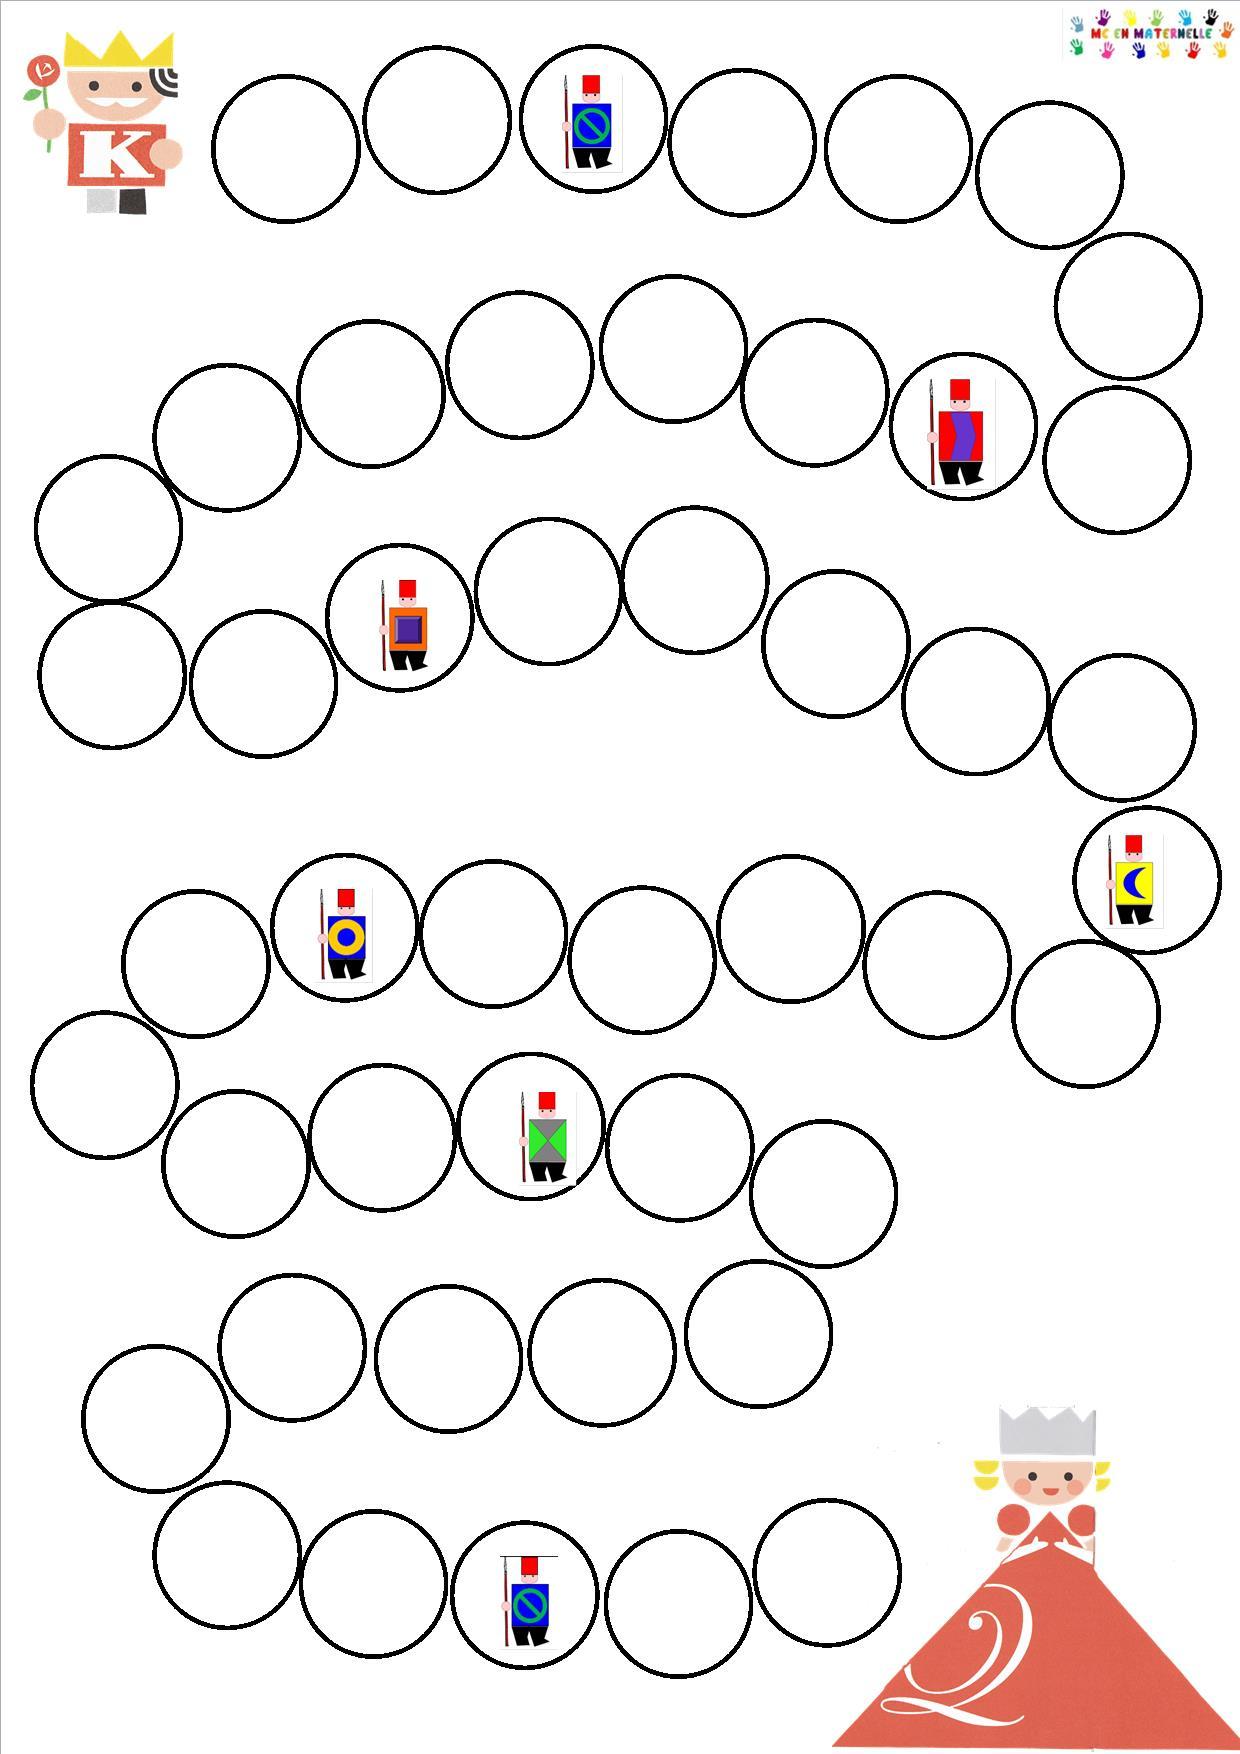 Le Tout Petit Roi : Jeu Mathématiques – Mc En Maternelle intérieur Jeux Educatif Maternelle Petite Section